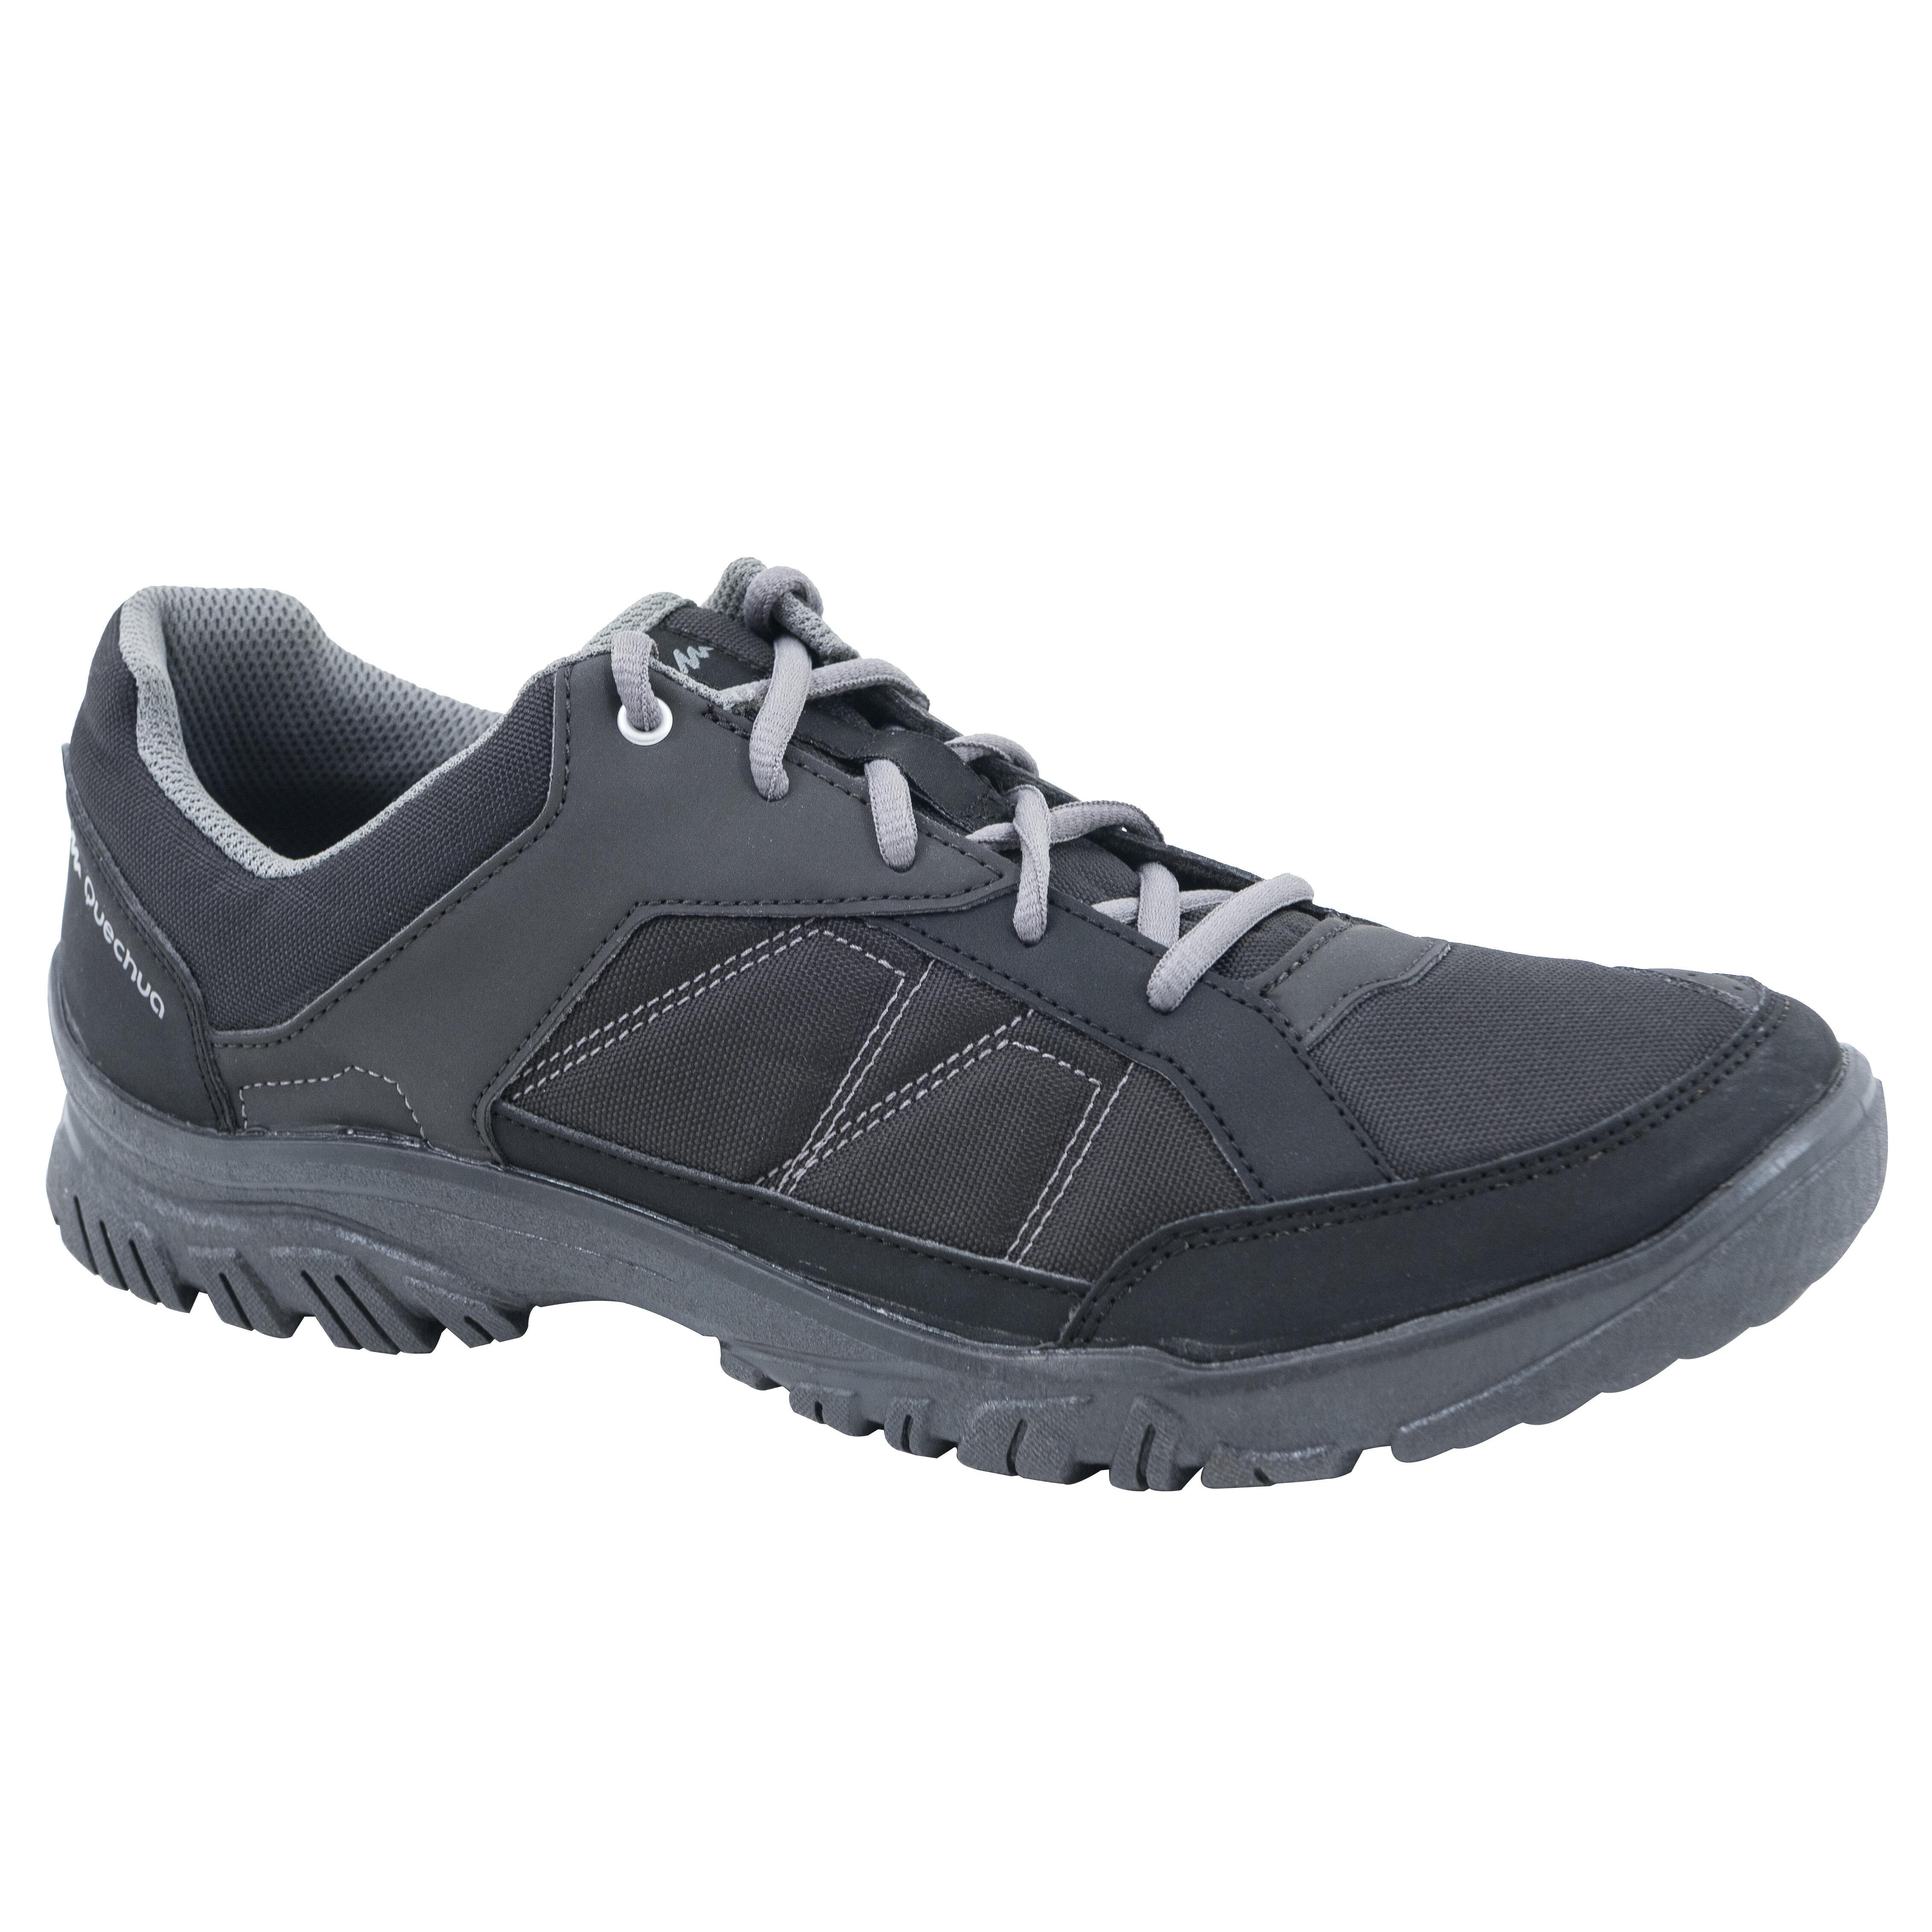 c9486ff4 Comprar Zapatillas de Montaña y Trekking | Decathlon